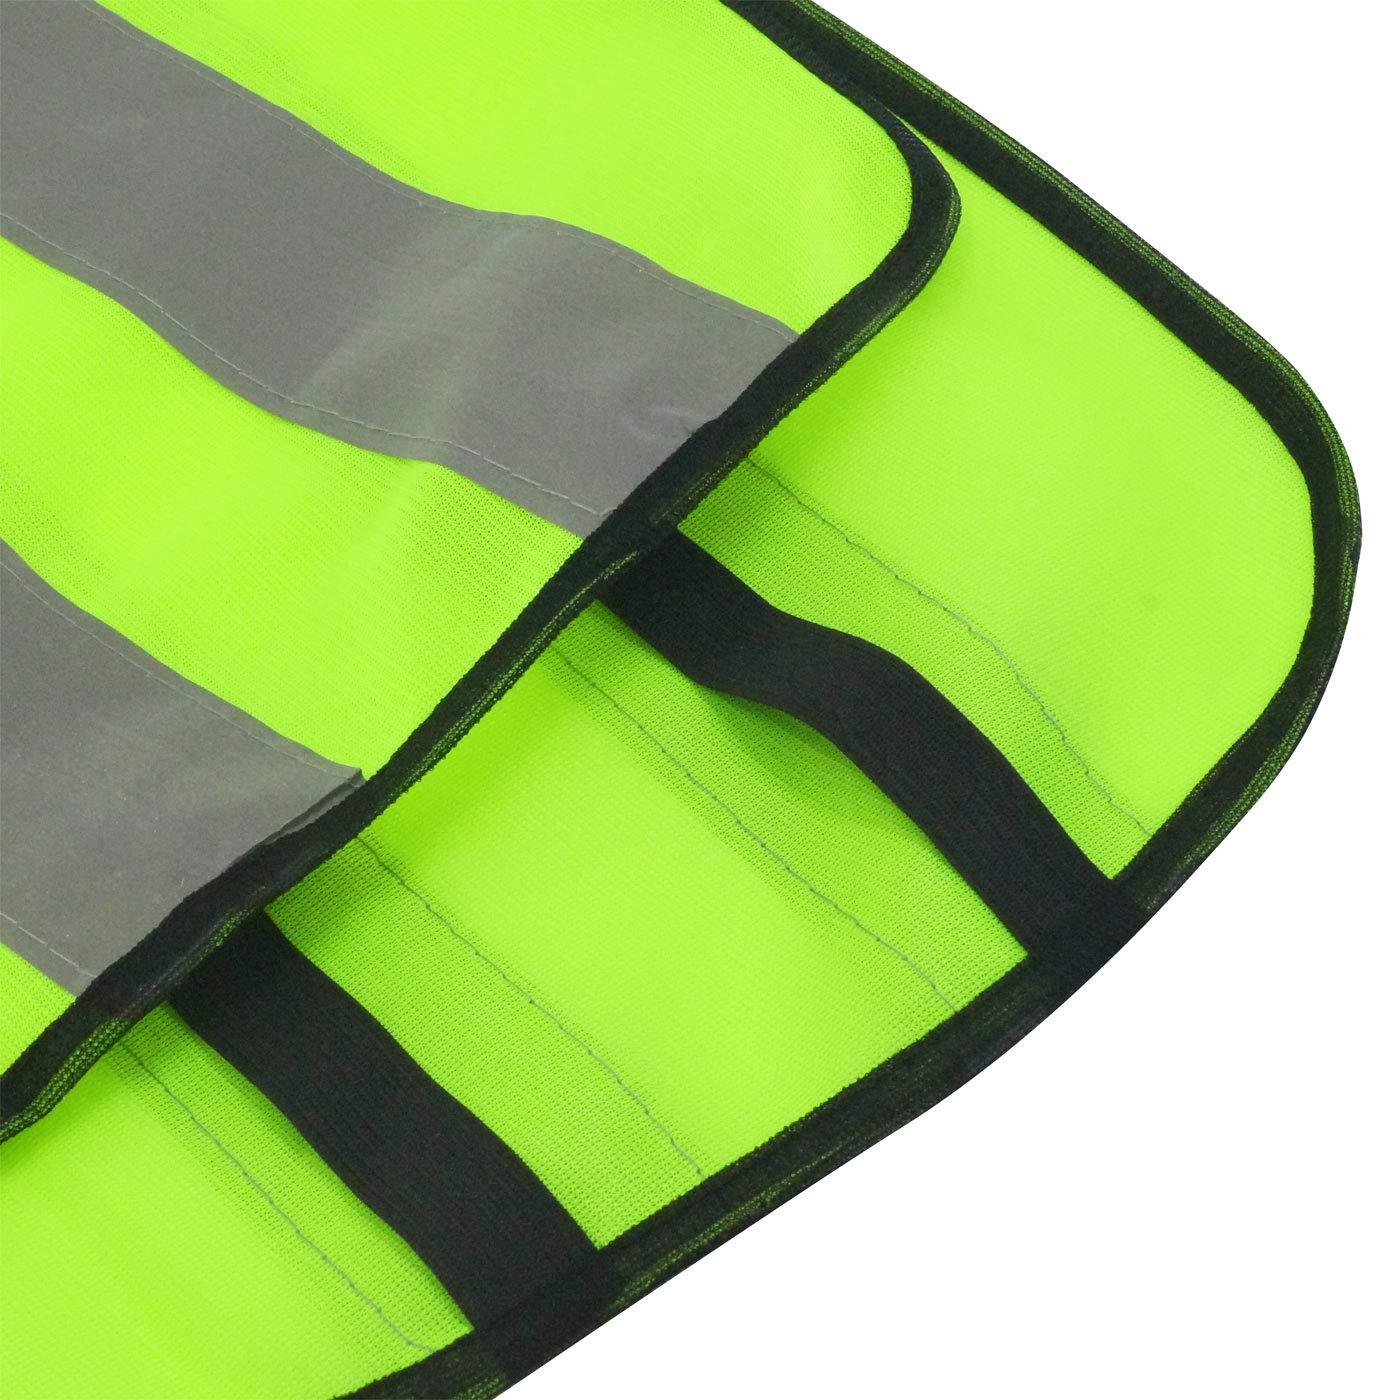 AIEOE 20 Pcs Enfant Gilet Fluorescent de S/écurit/é Durable Veste Haute Visibilit/é sans Manches Fille Gar/çon Gilet R/éfl/échissant V/élo Running Randonn/ée Gilet Fluo Vert